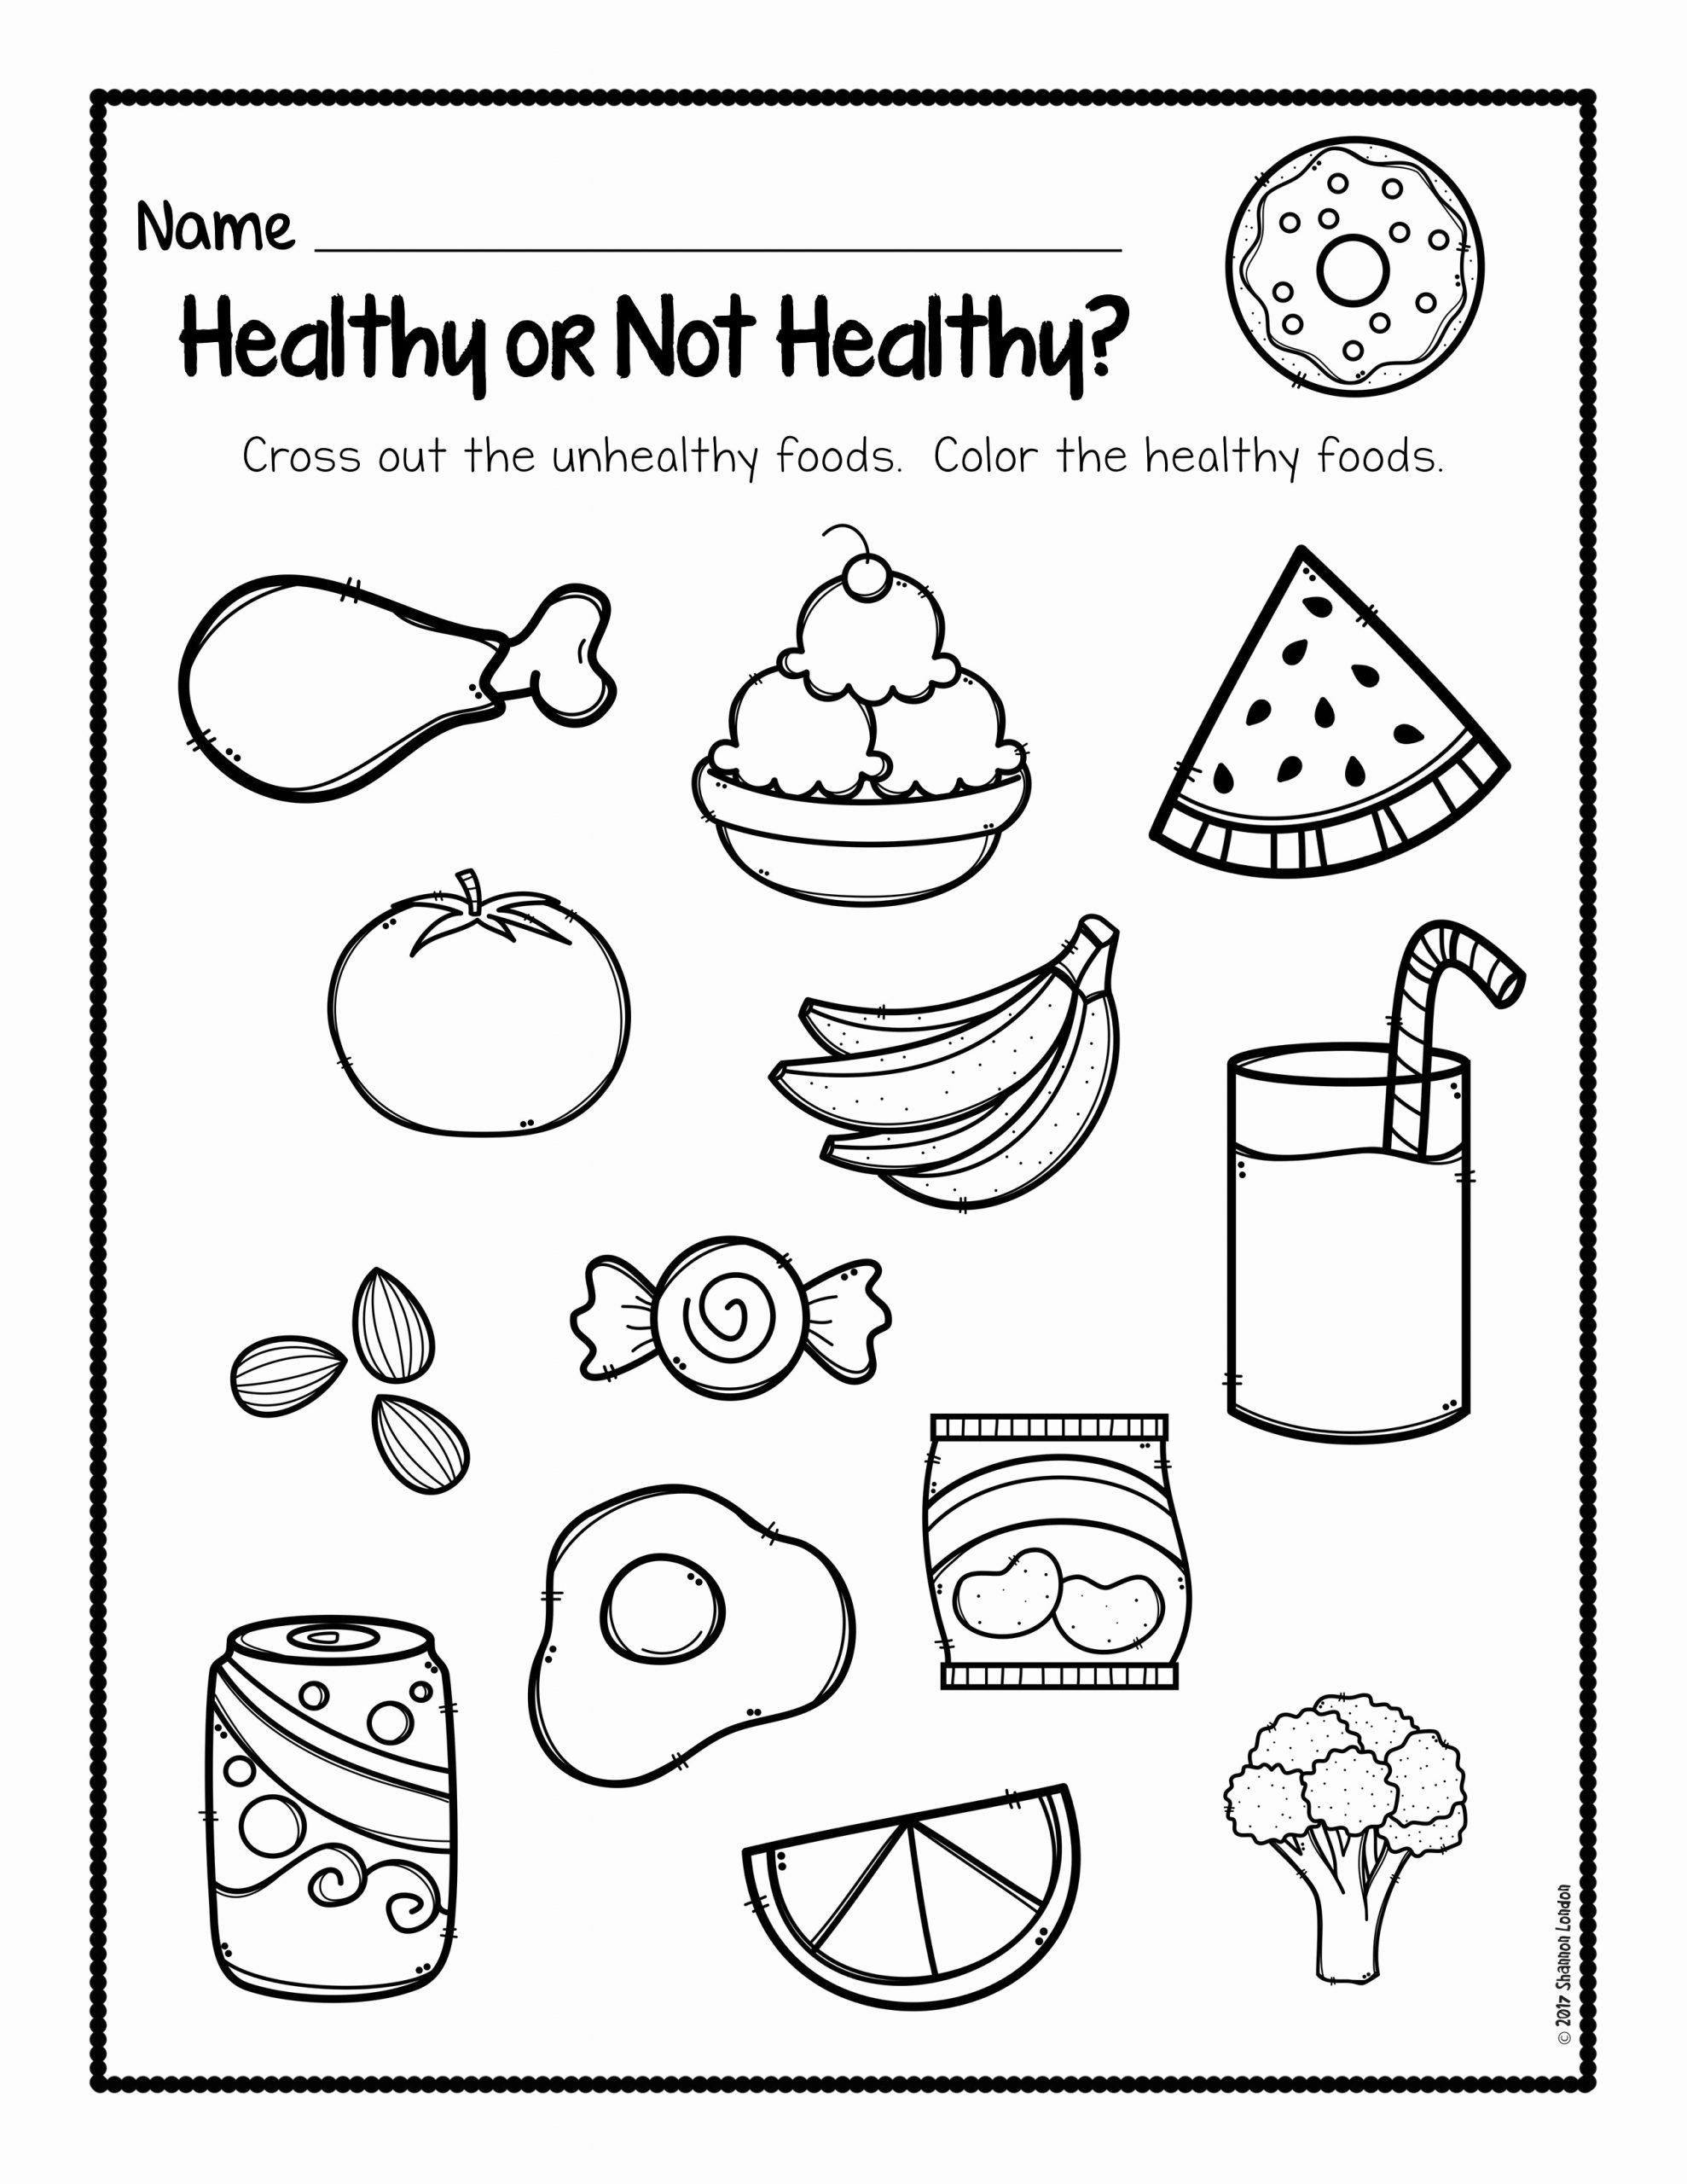 Healthy Foods Worksheets for Preschoolers top Healthy Foods Posters Worksheets and Activities the